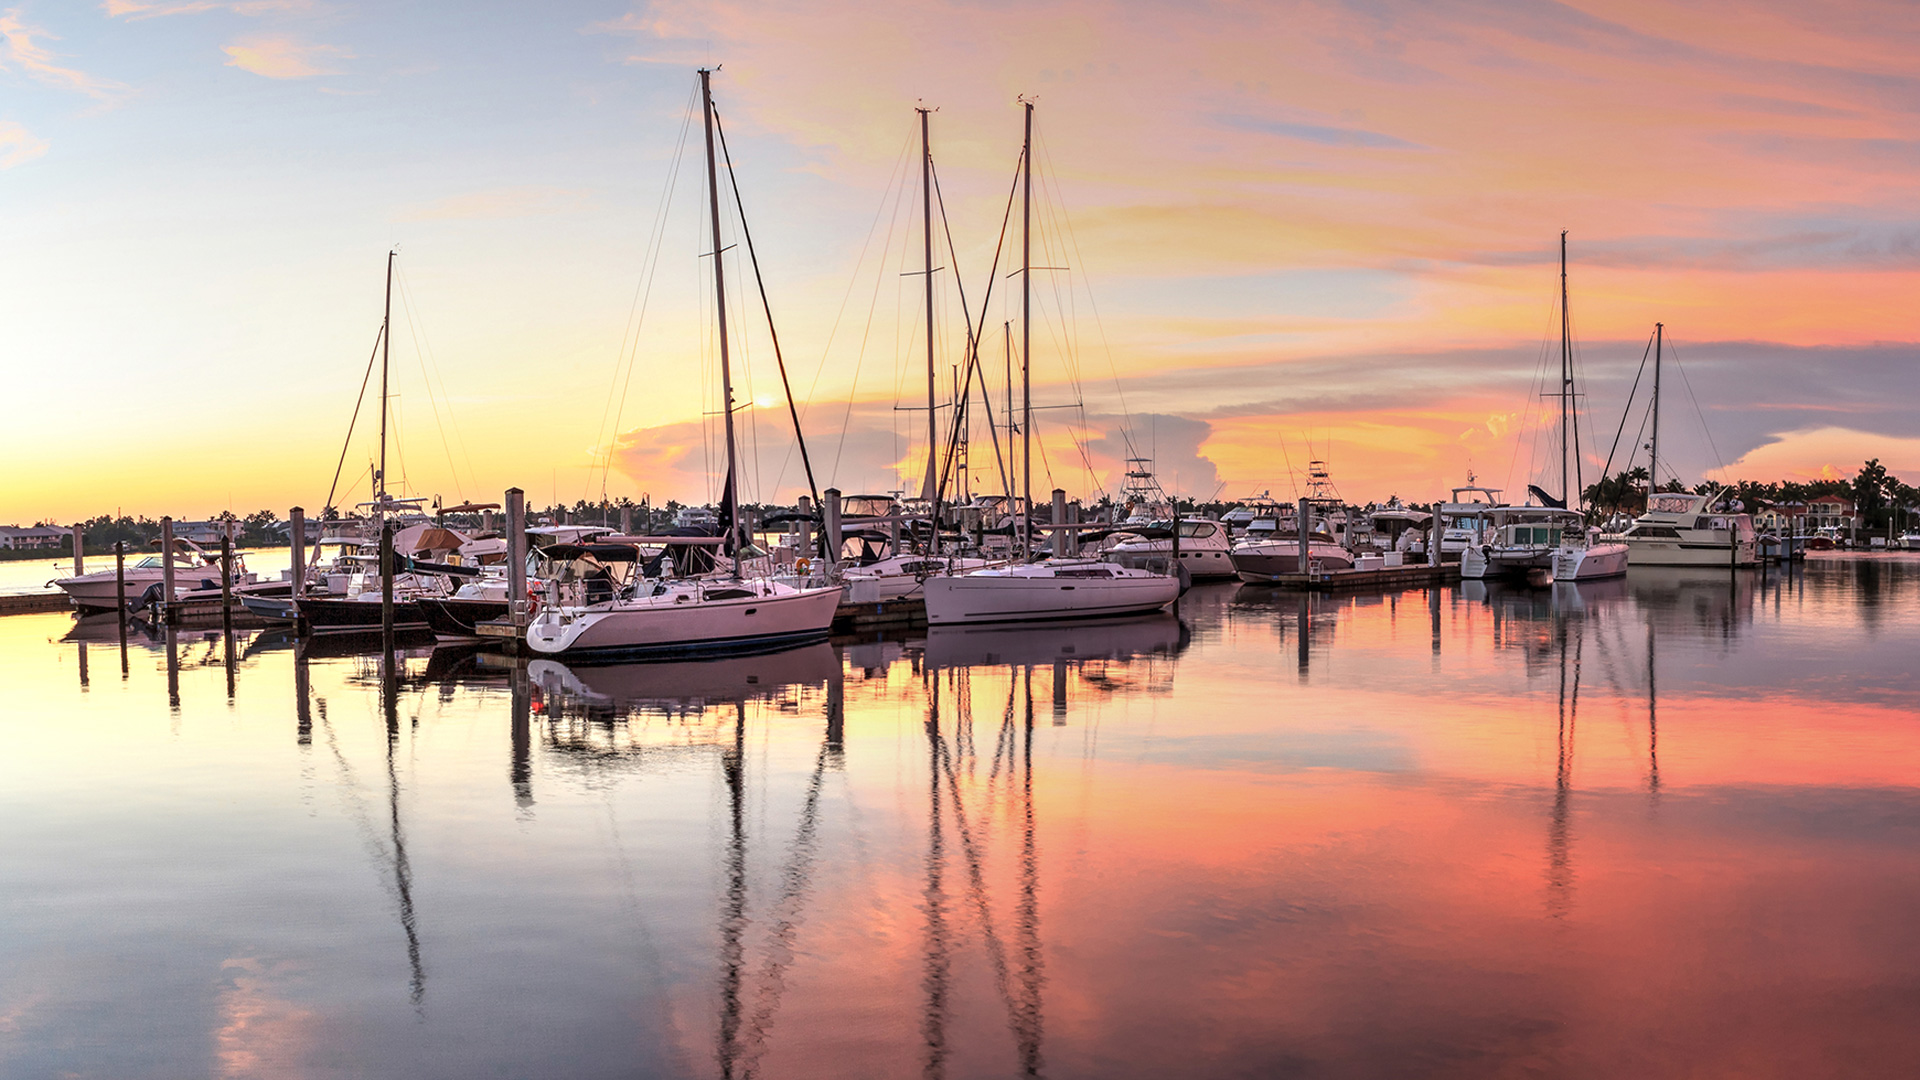 St. Petersburg Florida sail boats